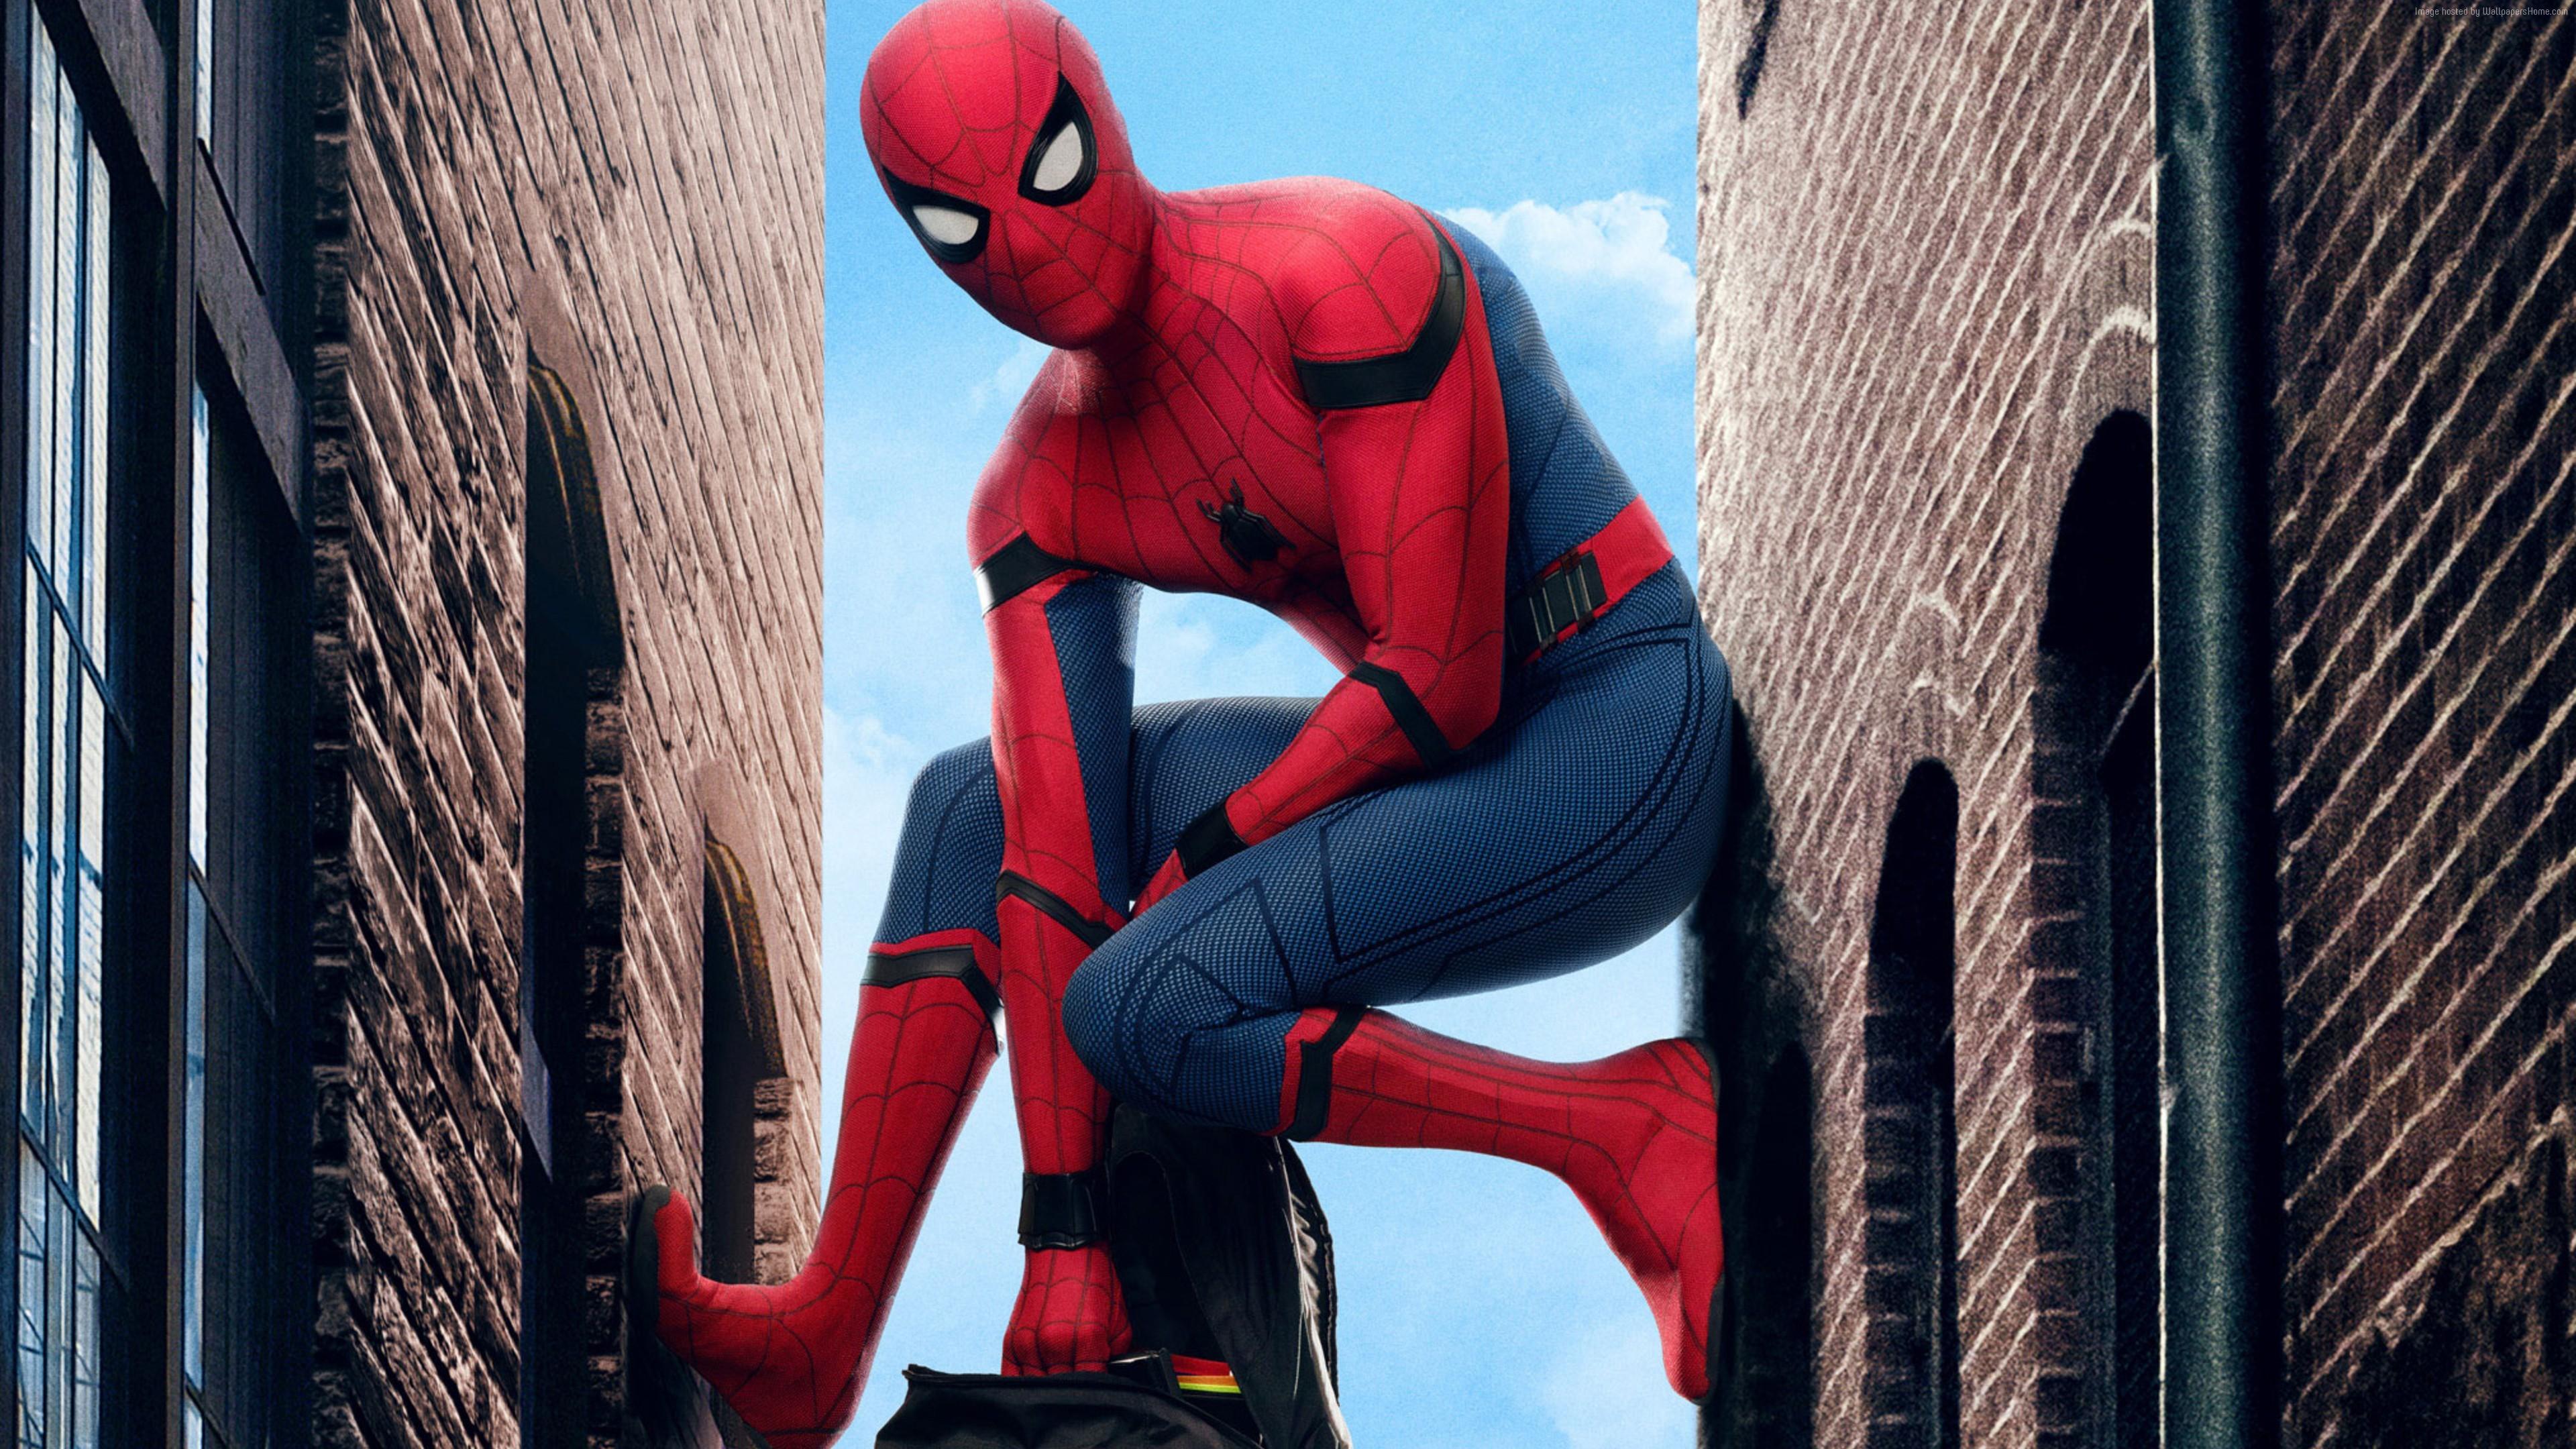 Ảnh Spider Man dễ thương